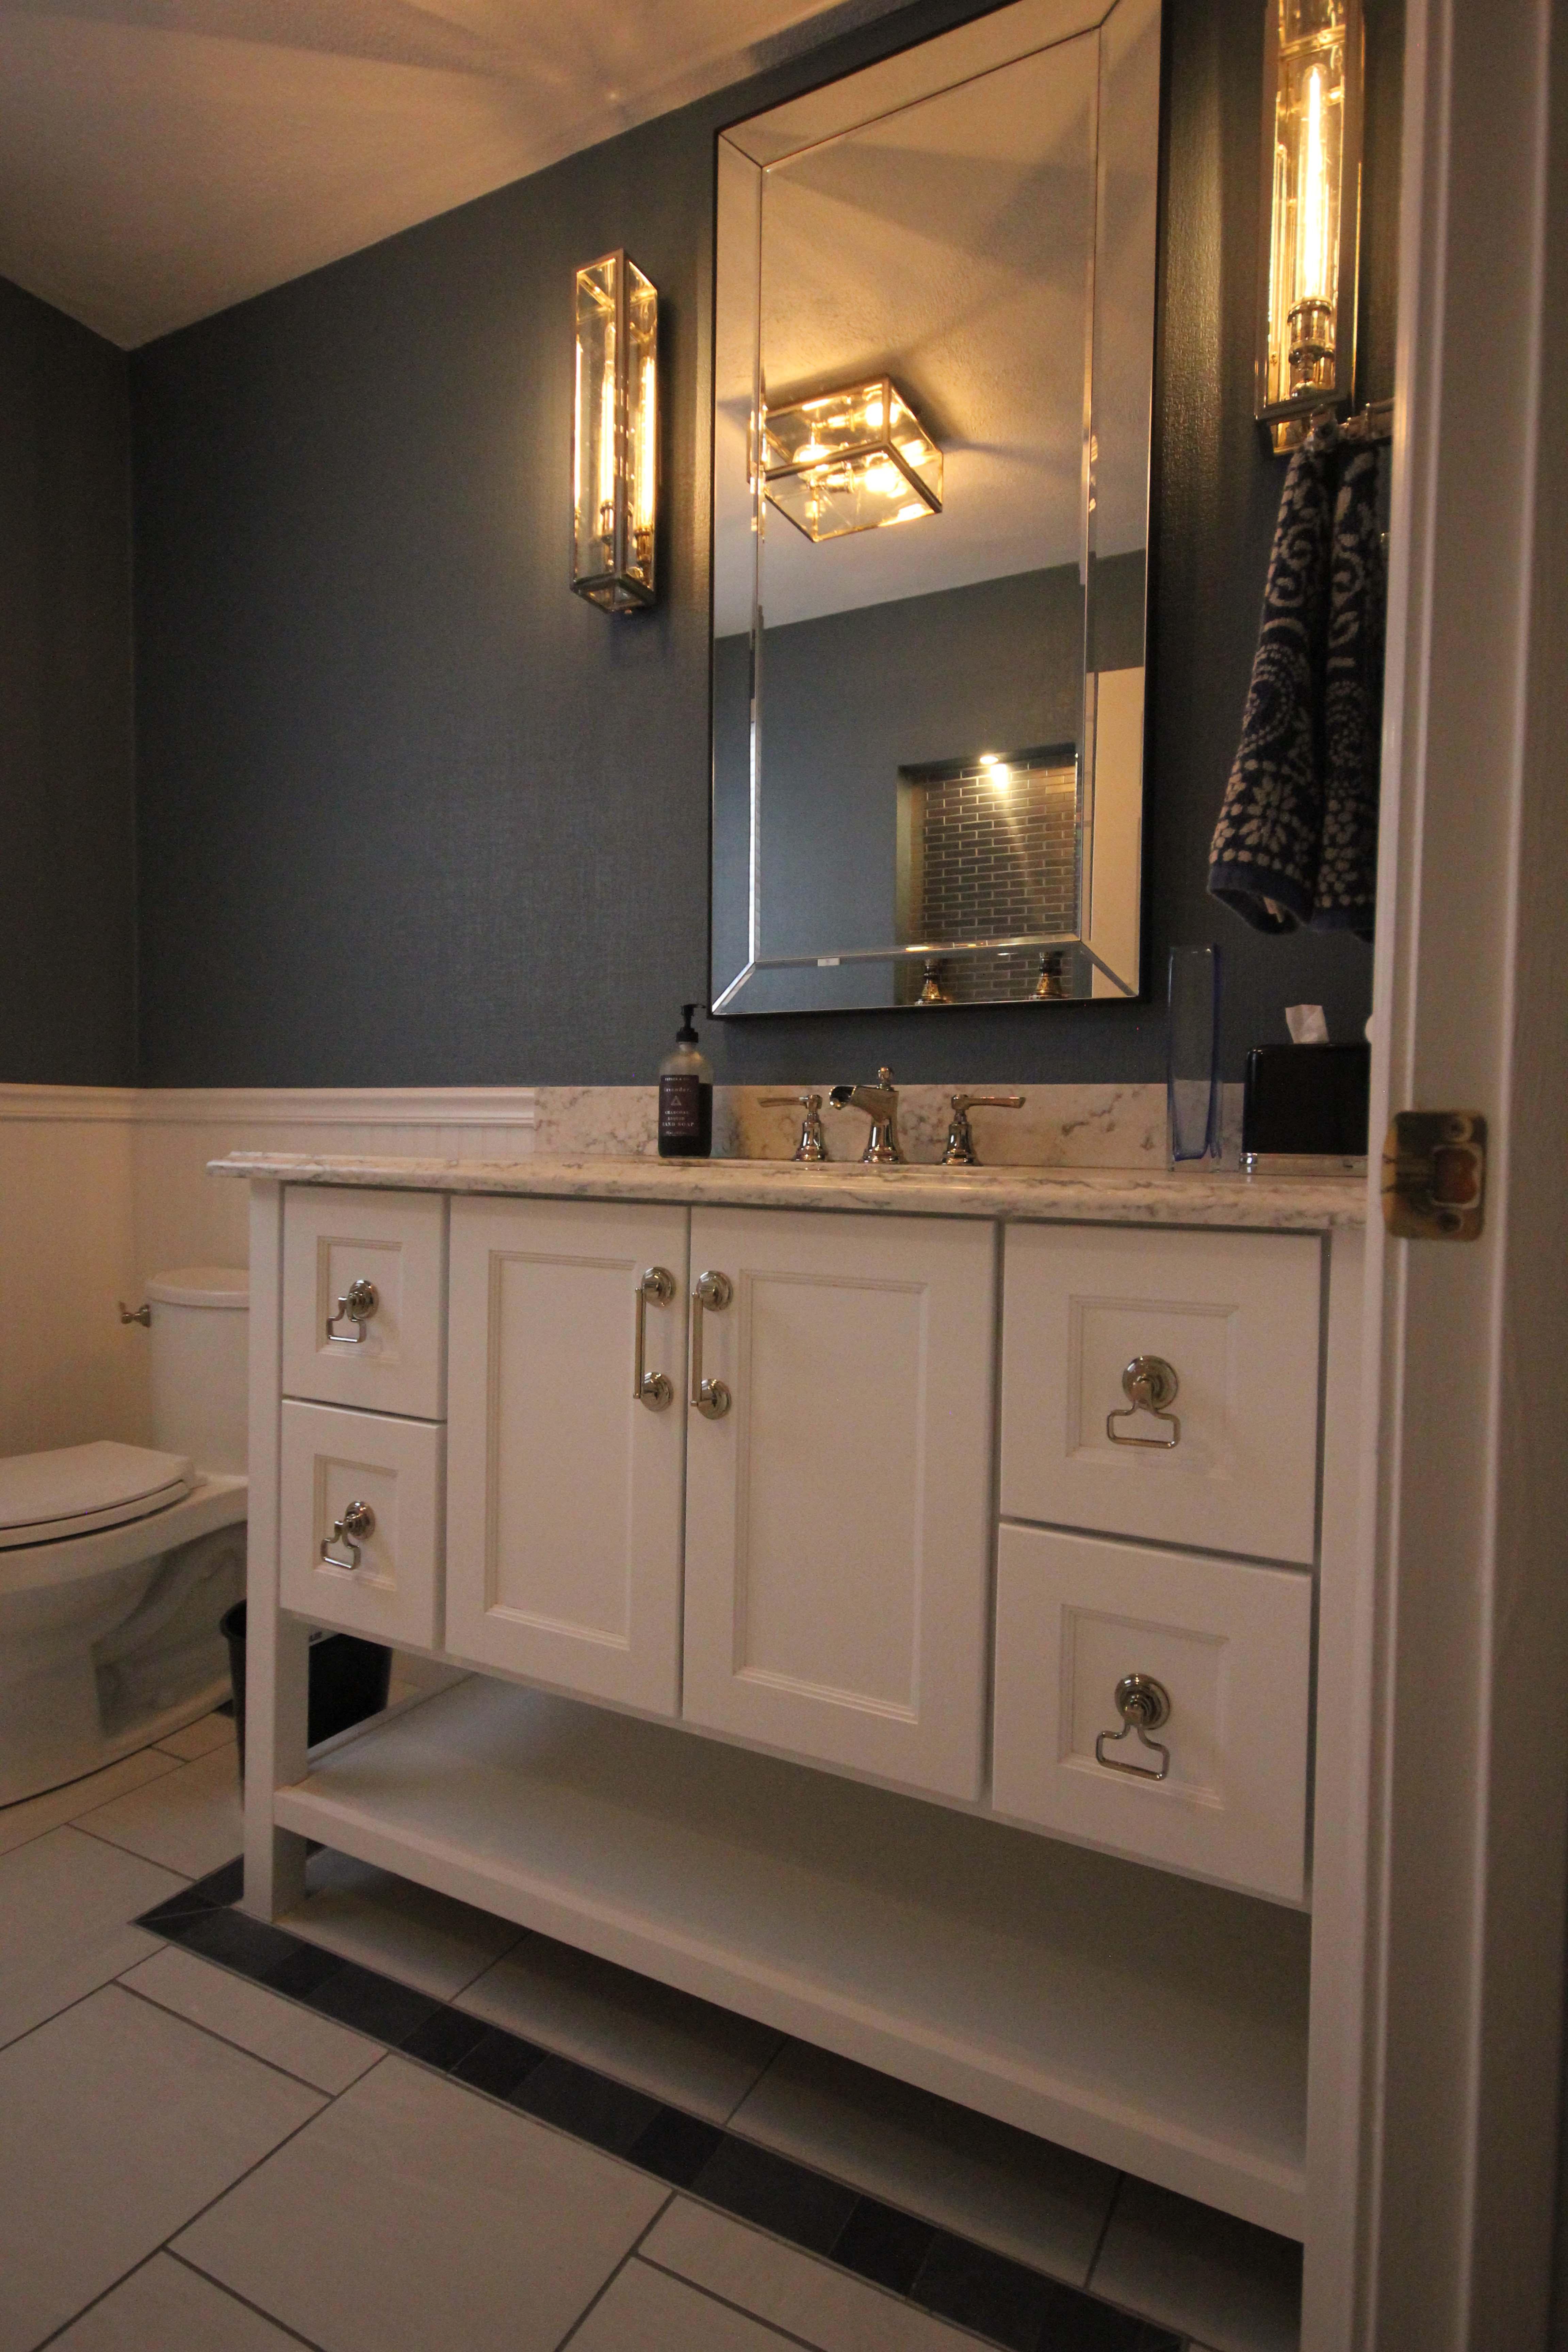 rhode island ri kitchen bathroom remodeling cumberland kitchen